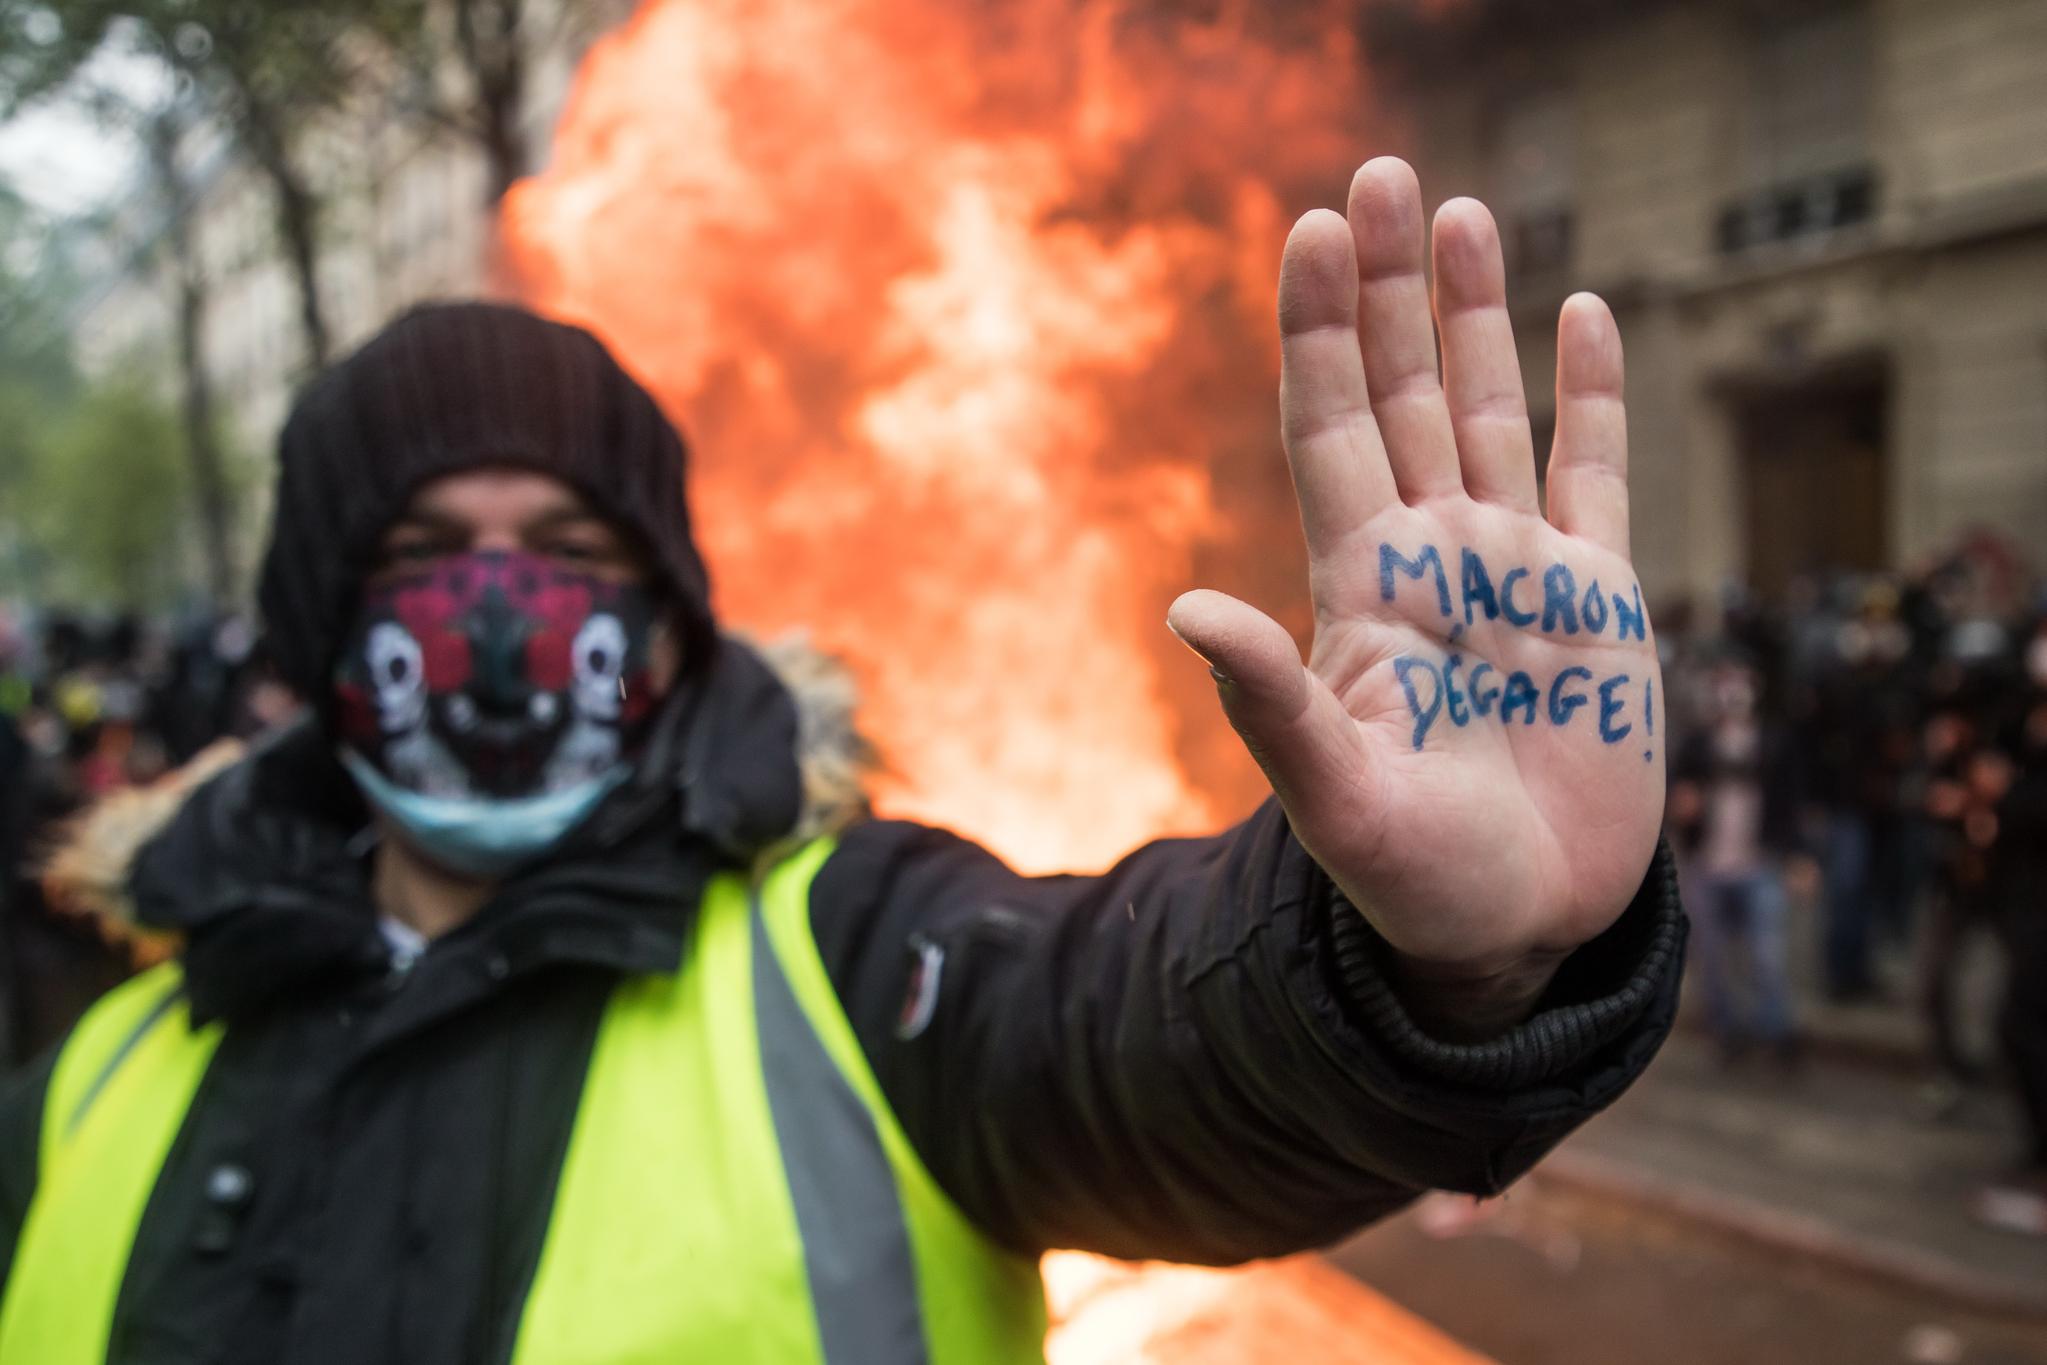 """프랑스의 '노란 자켓' 시위대가 노동절인 1일(현지시간) 파리에서 집회를 하며 """"(대통령)마크롱을 치워버려""""라고 쓴 글씨를 보여주고 있다. EPA=연합뉴스"""